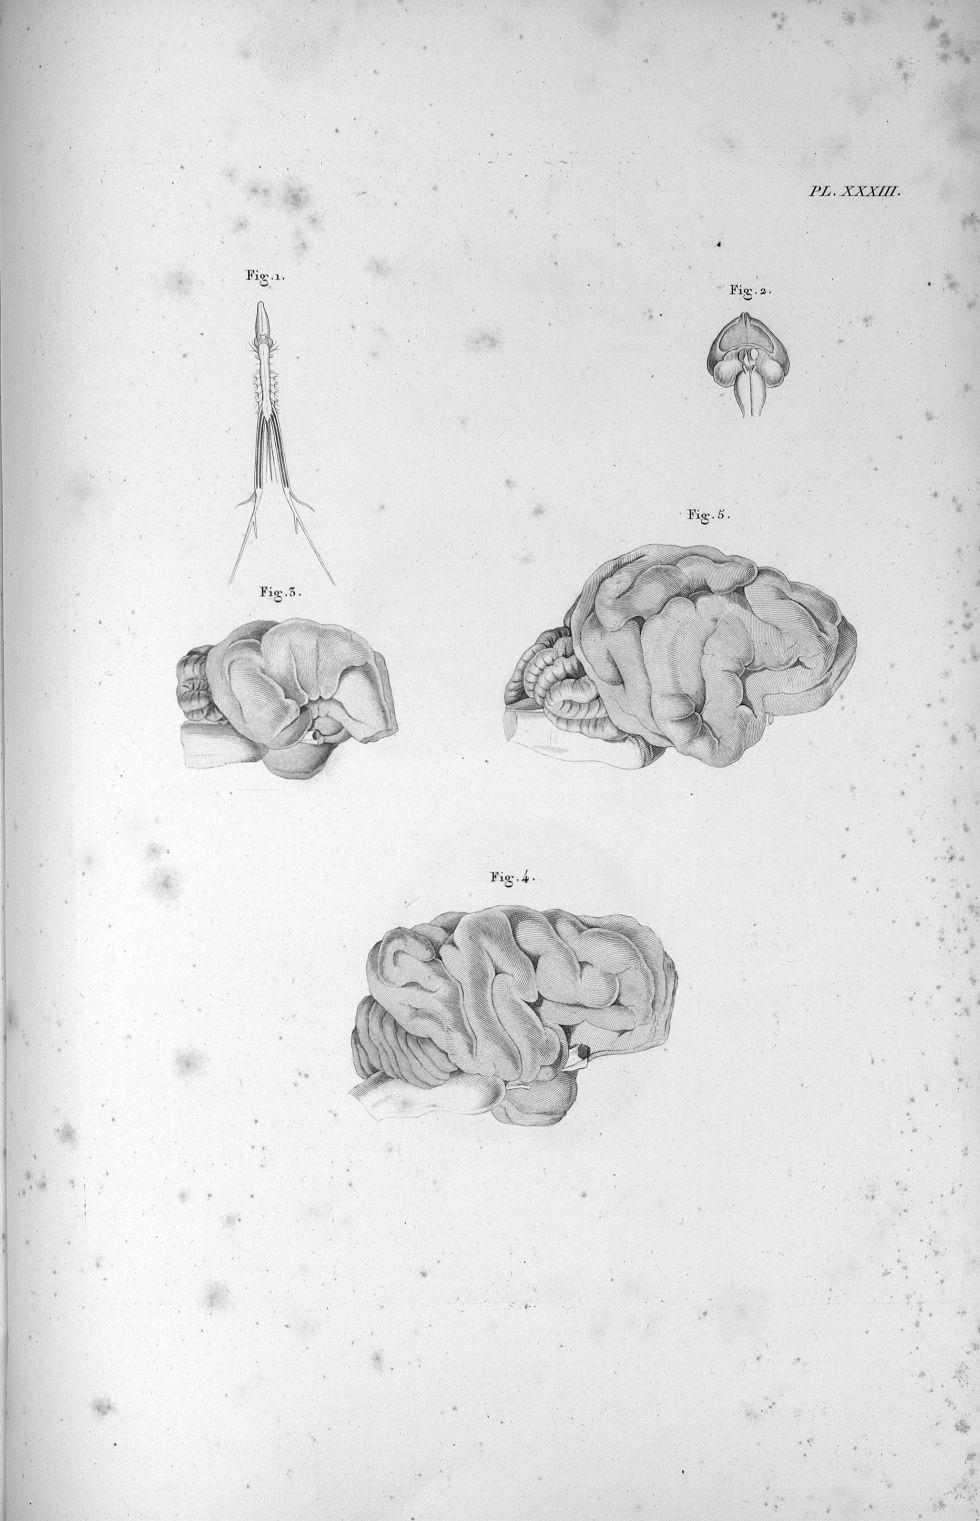 Pl. XXXIII. Fig. 1. Cerveau et moëlle épinière de la grenouille / Fig. 2. Cerveau d'une poule / Fig. [...] - Anatomie. Neurologie. Cerveaux. Animal, animaux. 19e siècle (France) - med00575x02x0361